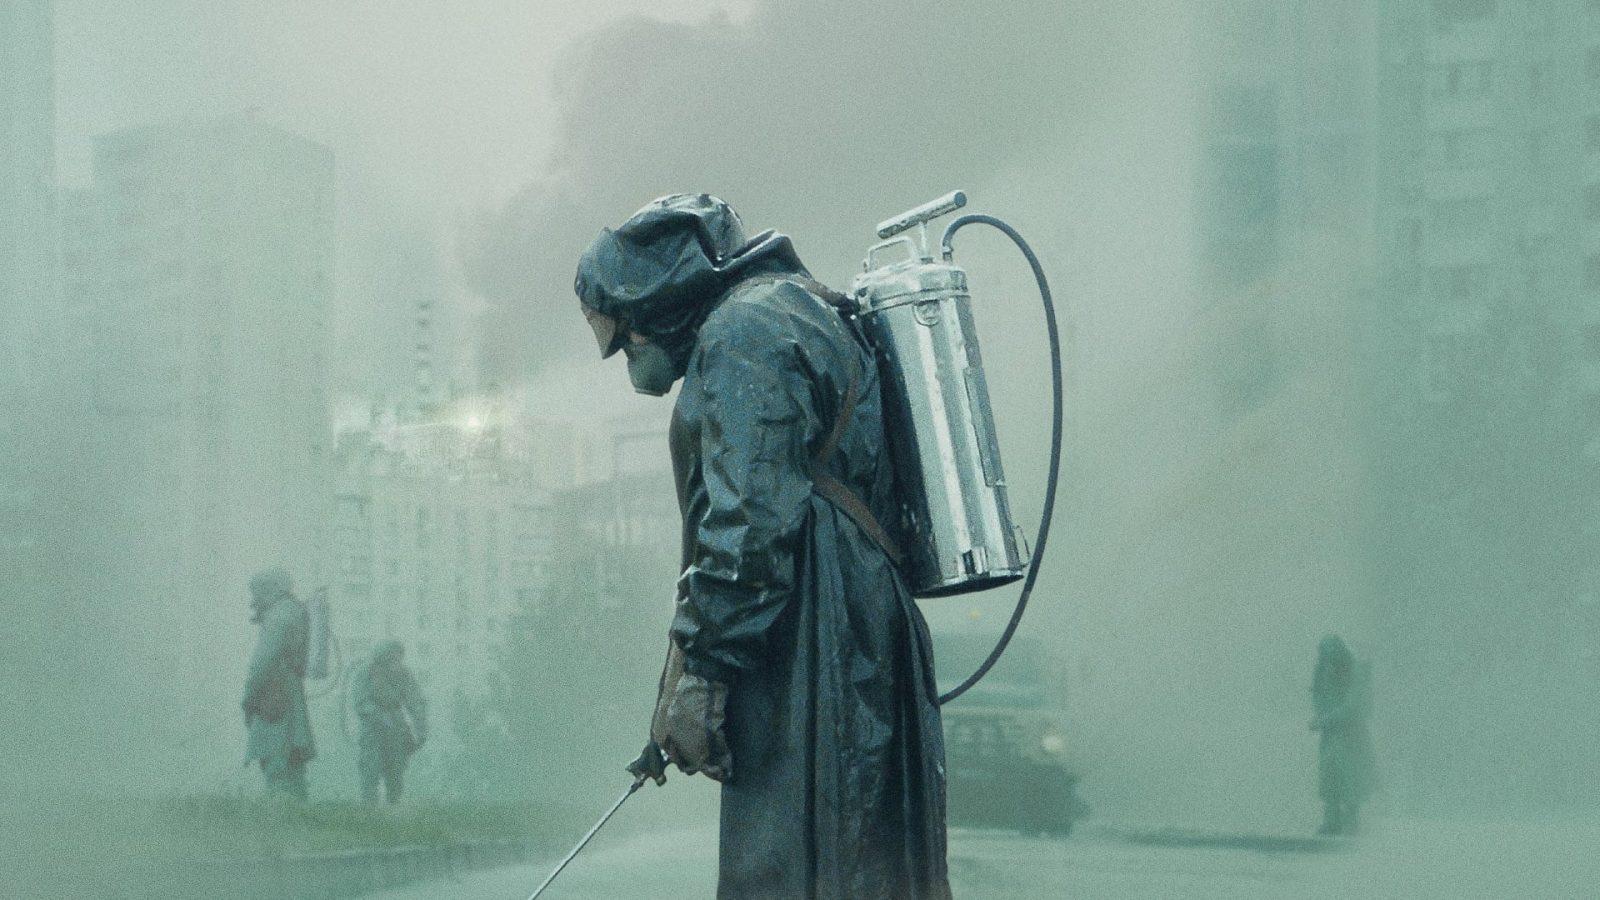 «Чернобыль» стал самым высоко оценённым сериалом на IMDB.